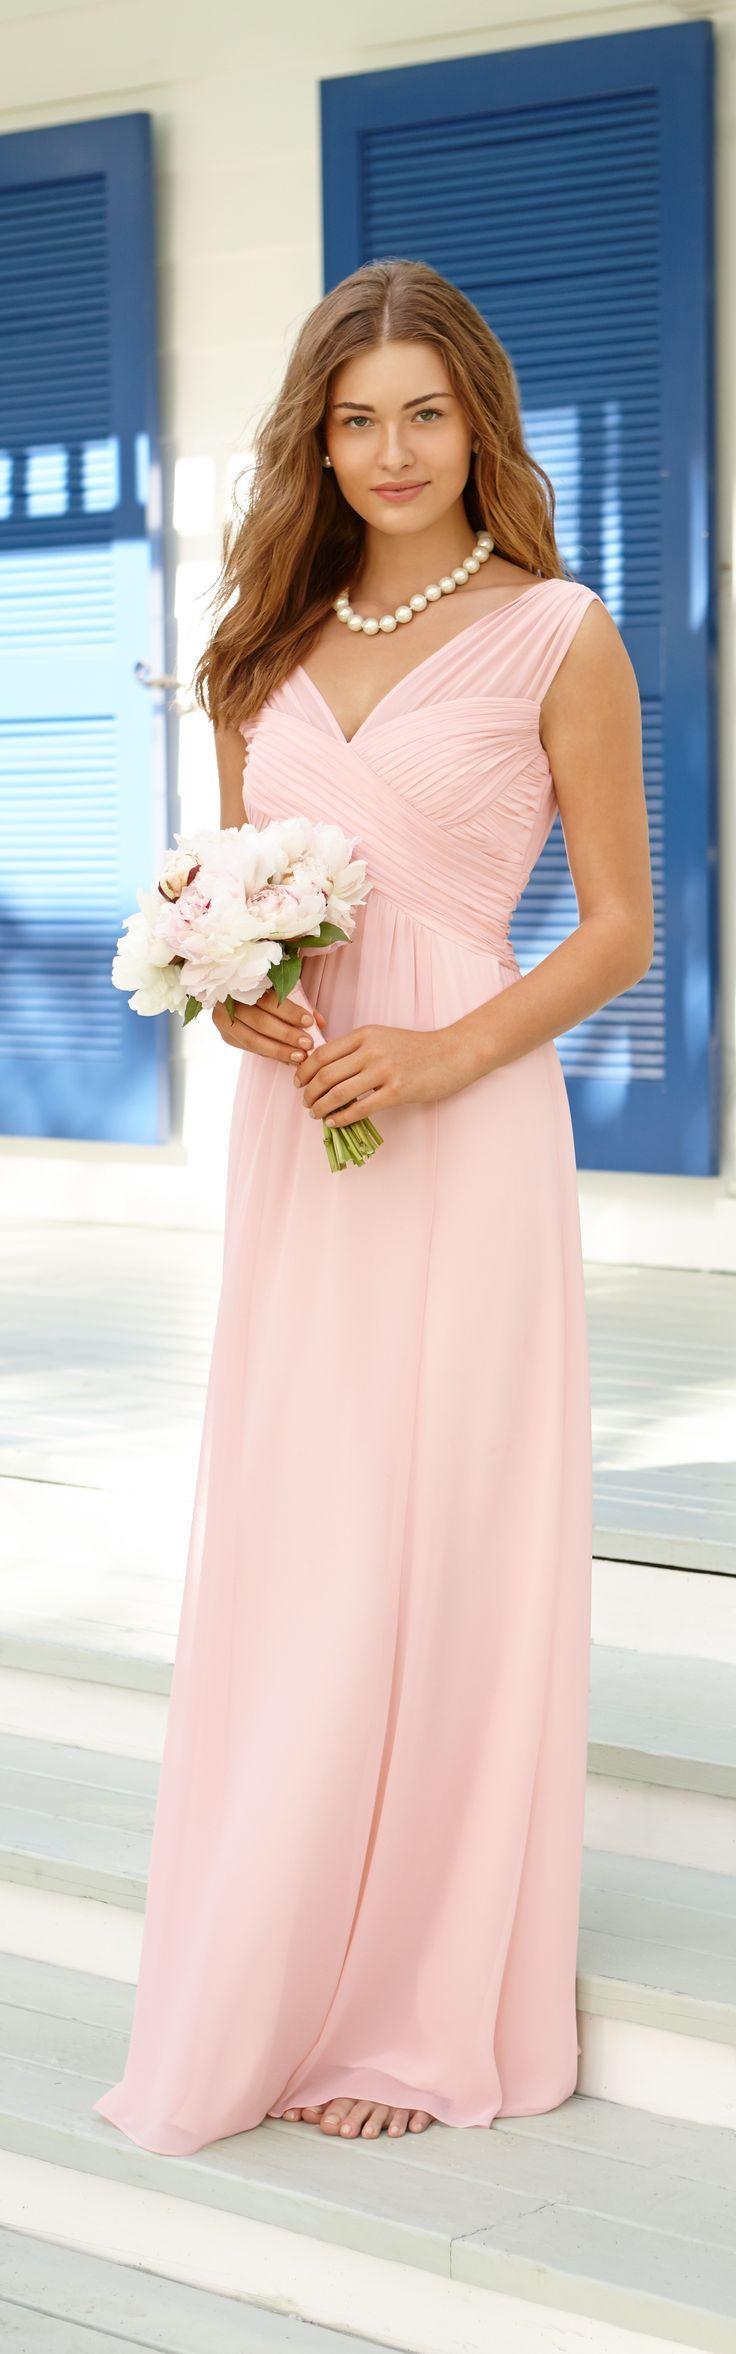 26 best Wedding Dresses images on Pinterest   Flower girls ...